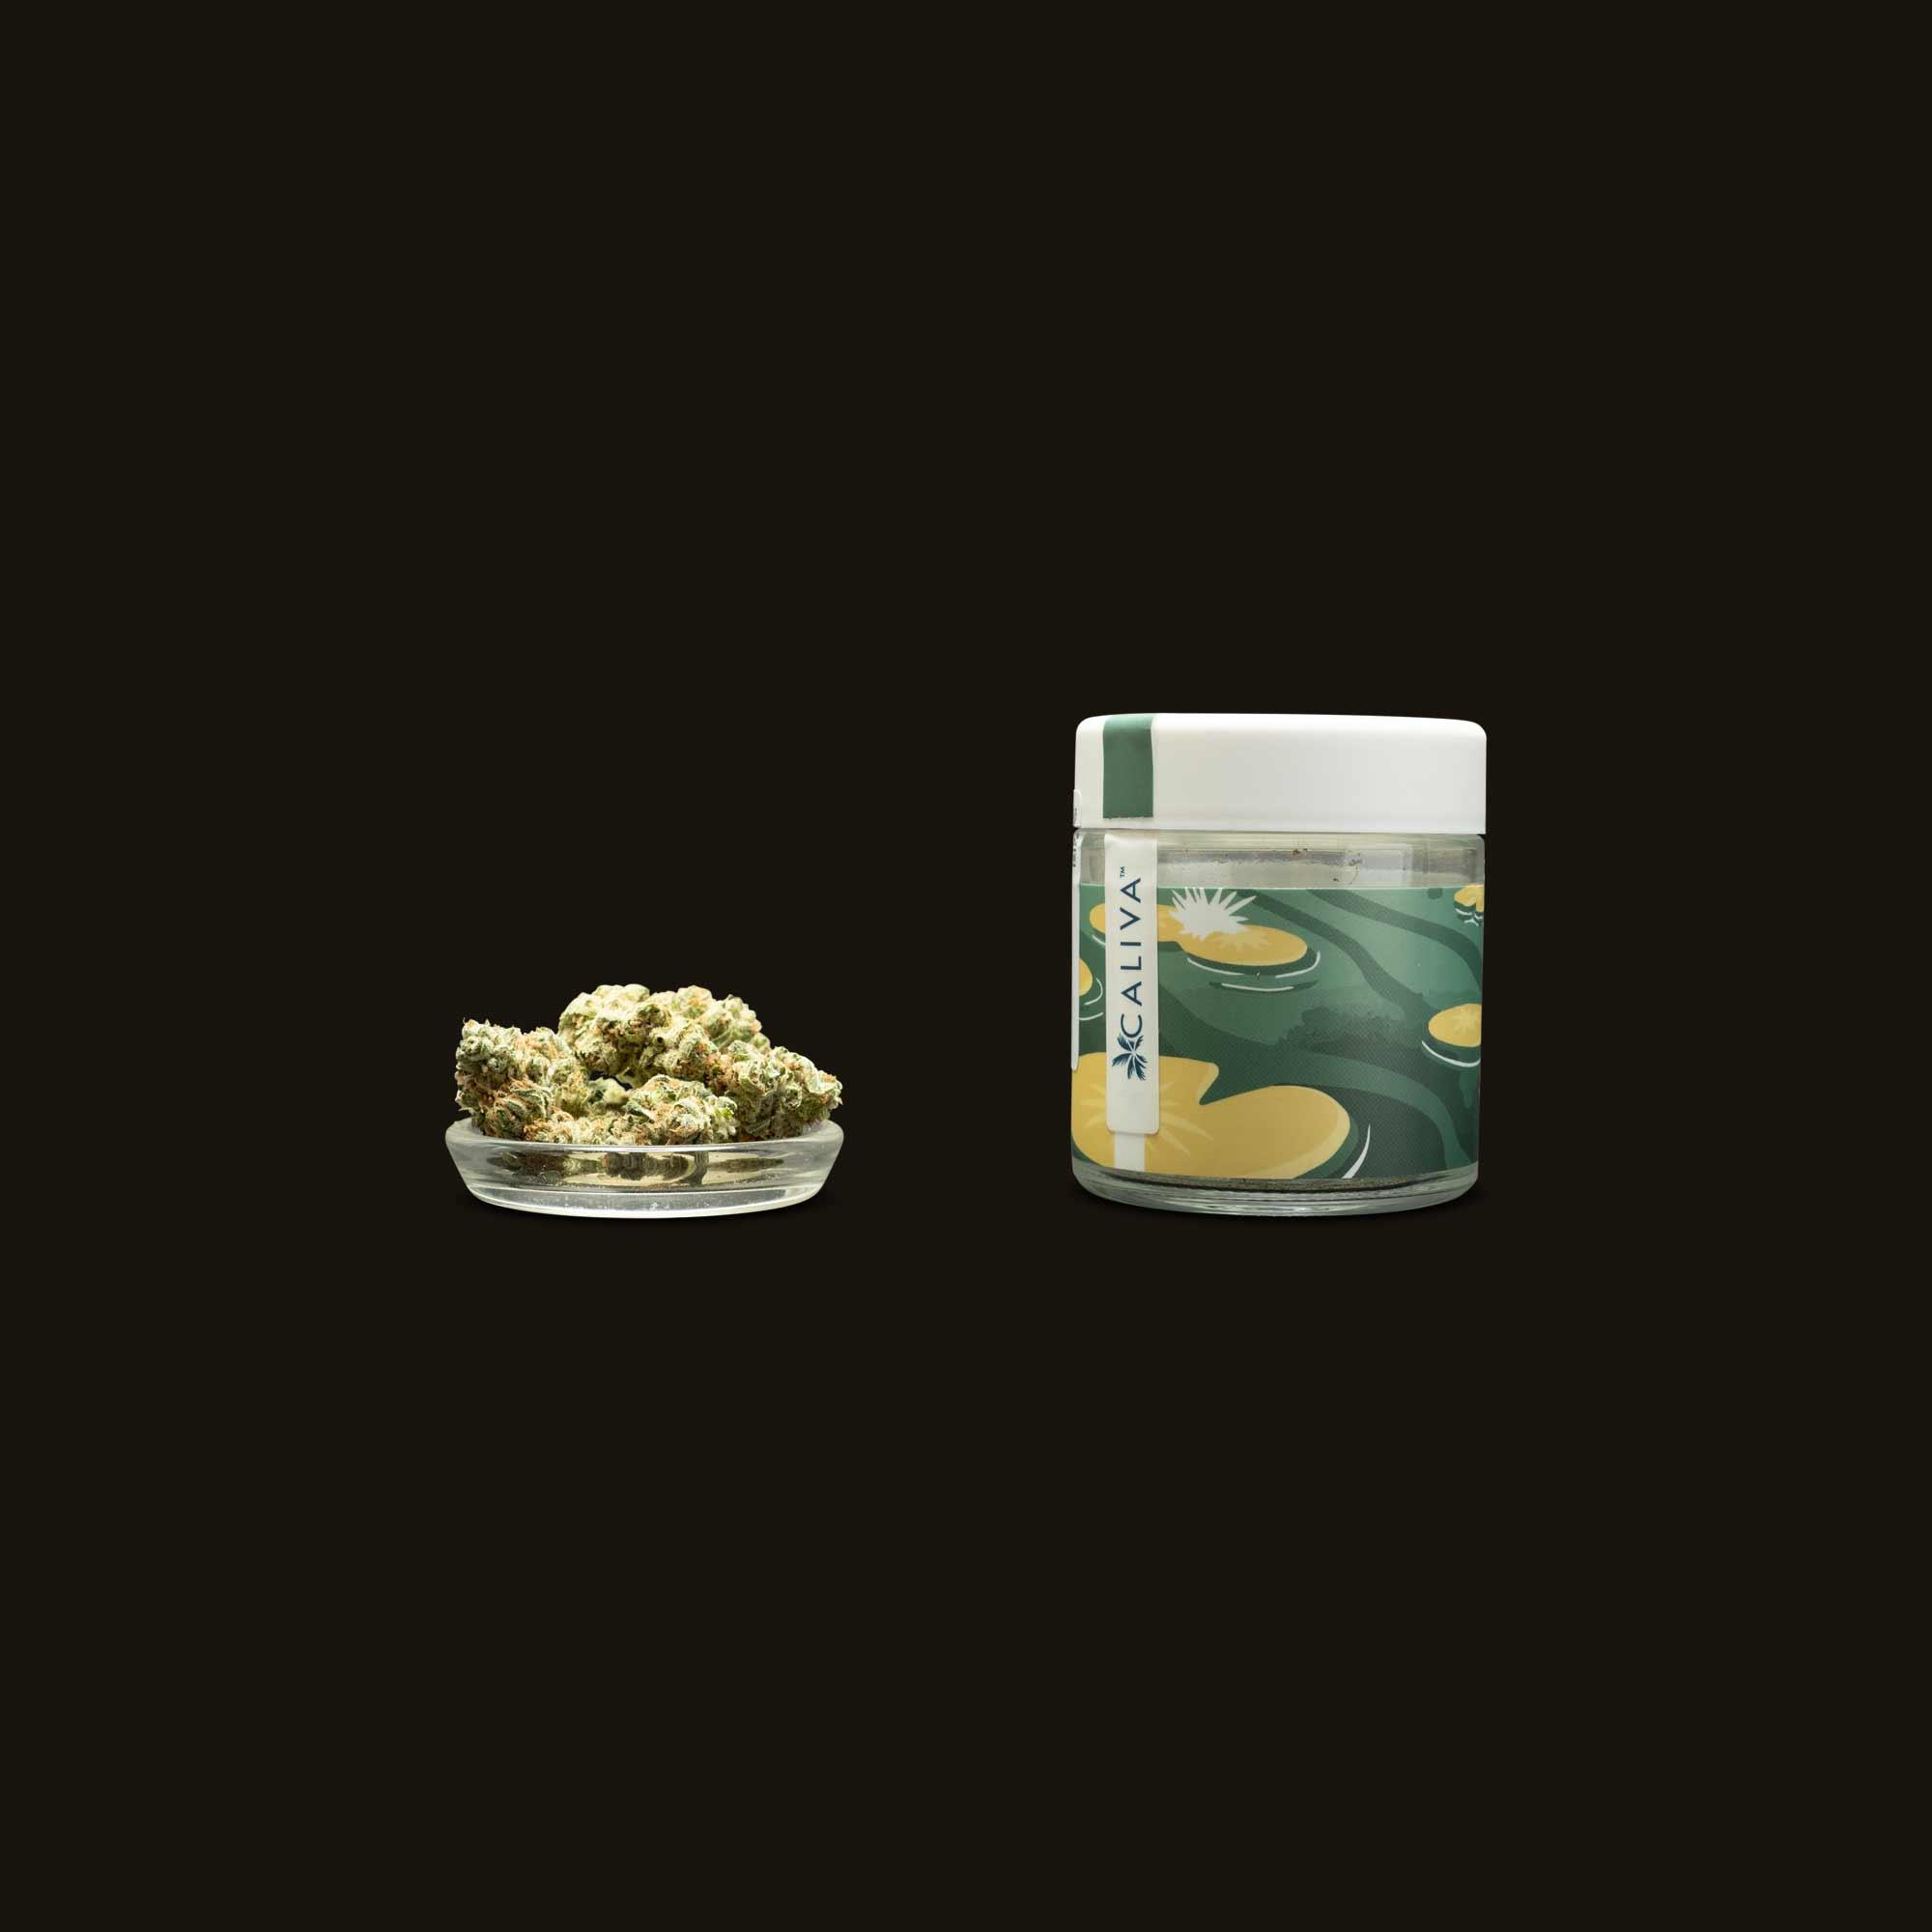 Caliva Sour Diesel Lemon Kush